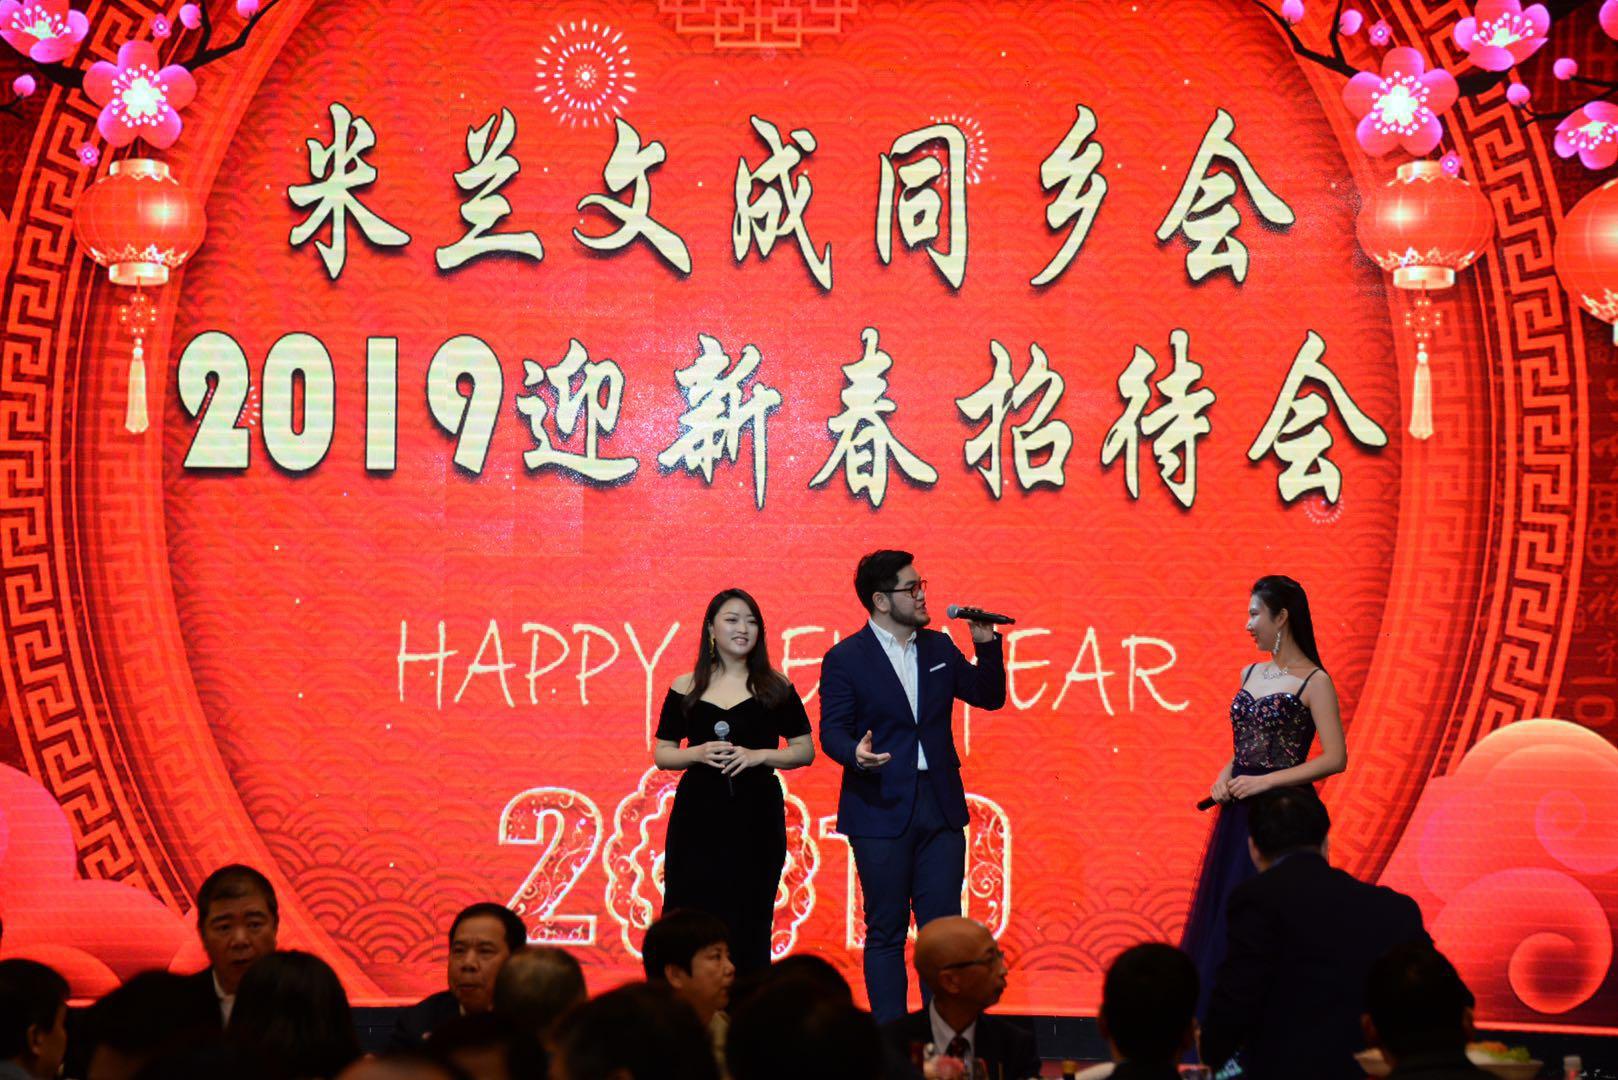 米兰文成同乡会隆重举办2019迎新春招待会